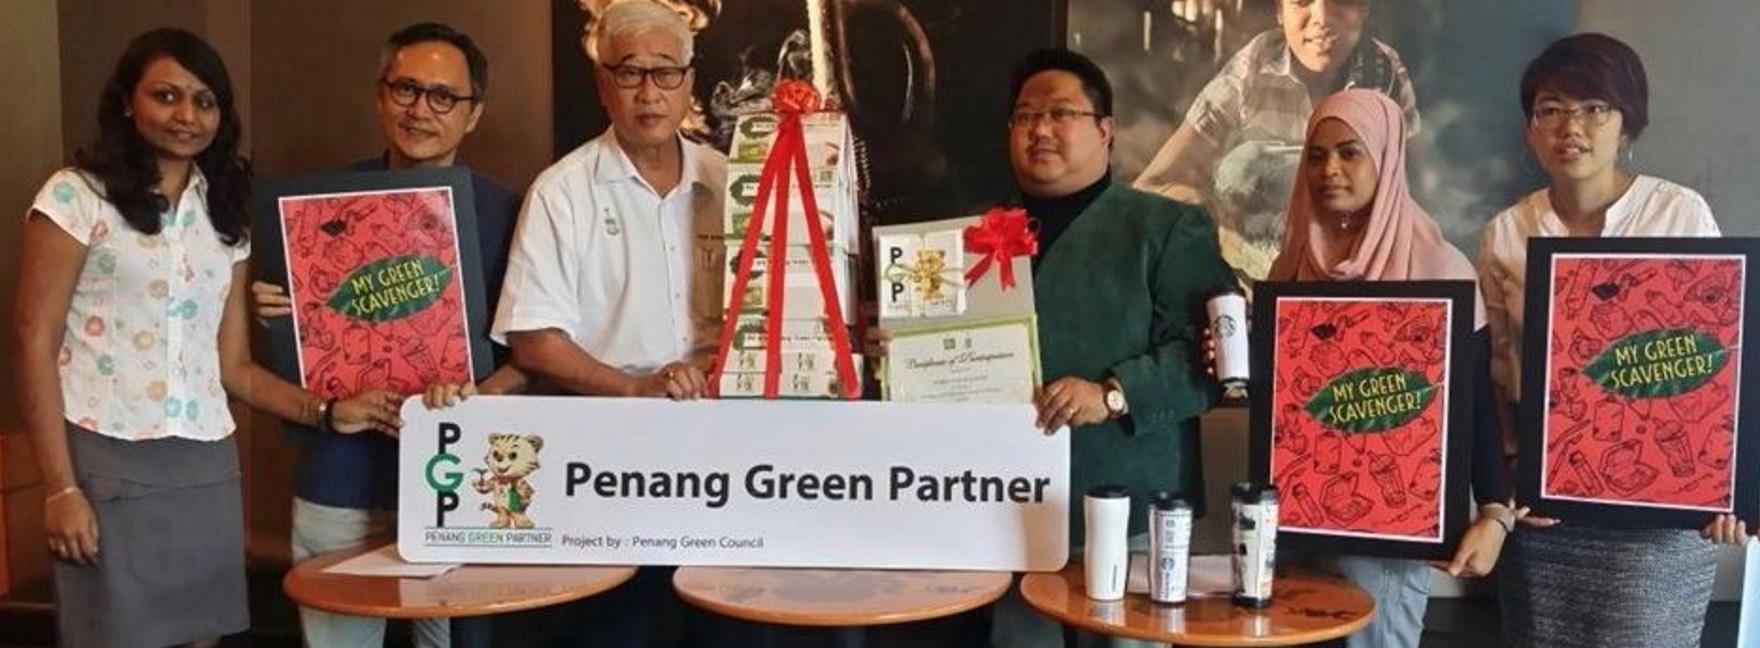 Starbucks Buy One Free One at Penang